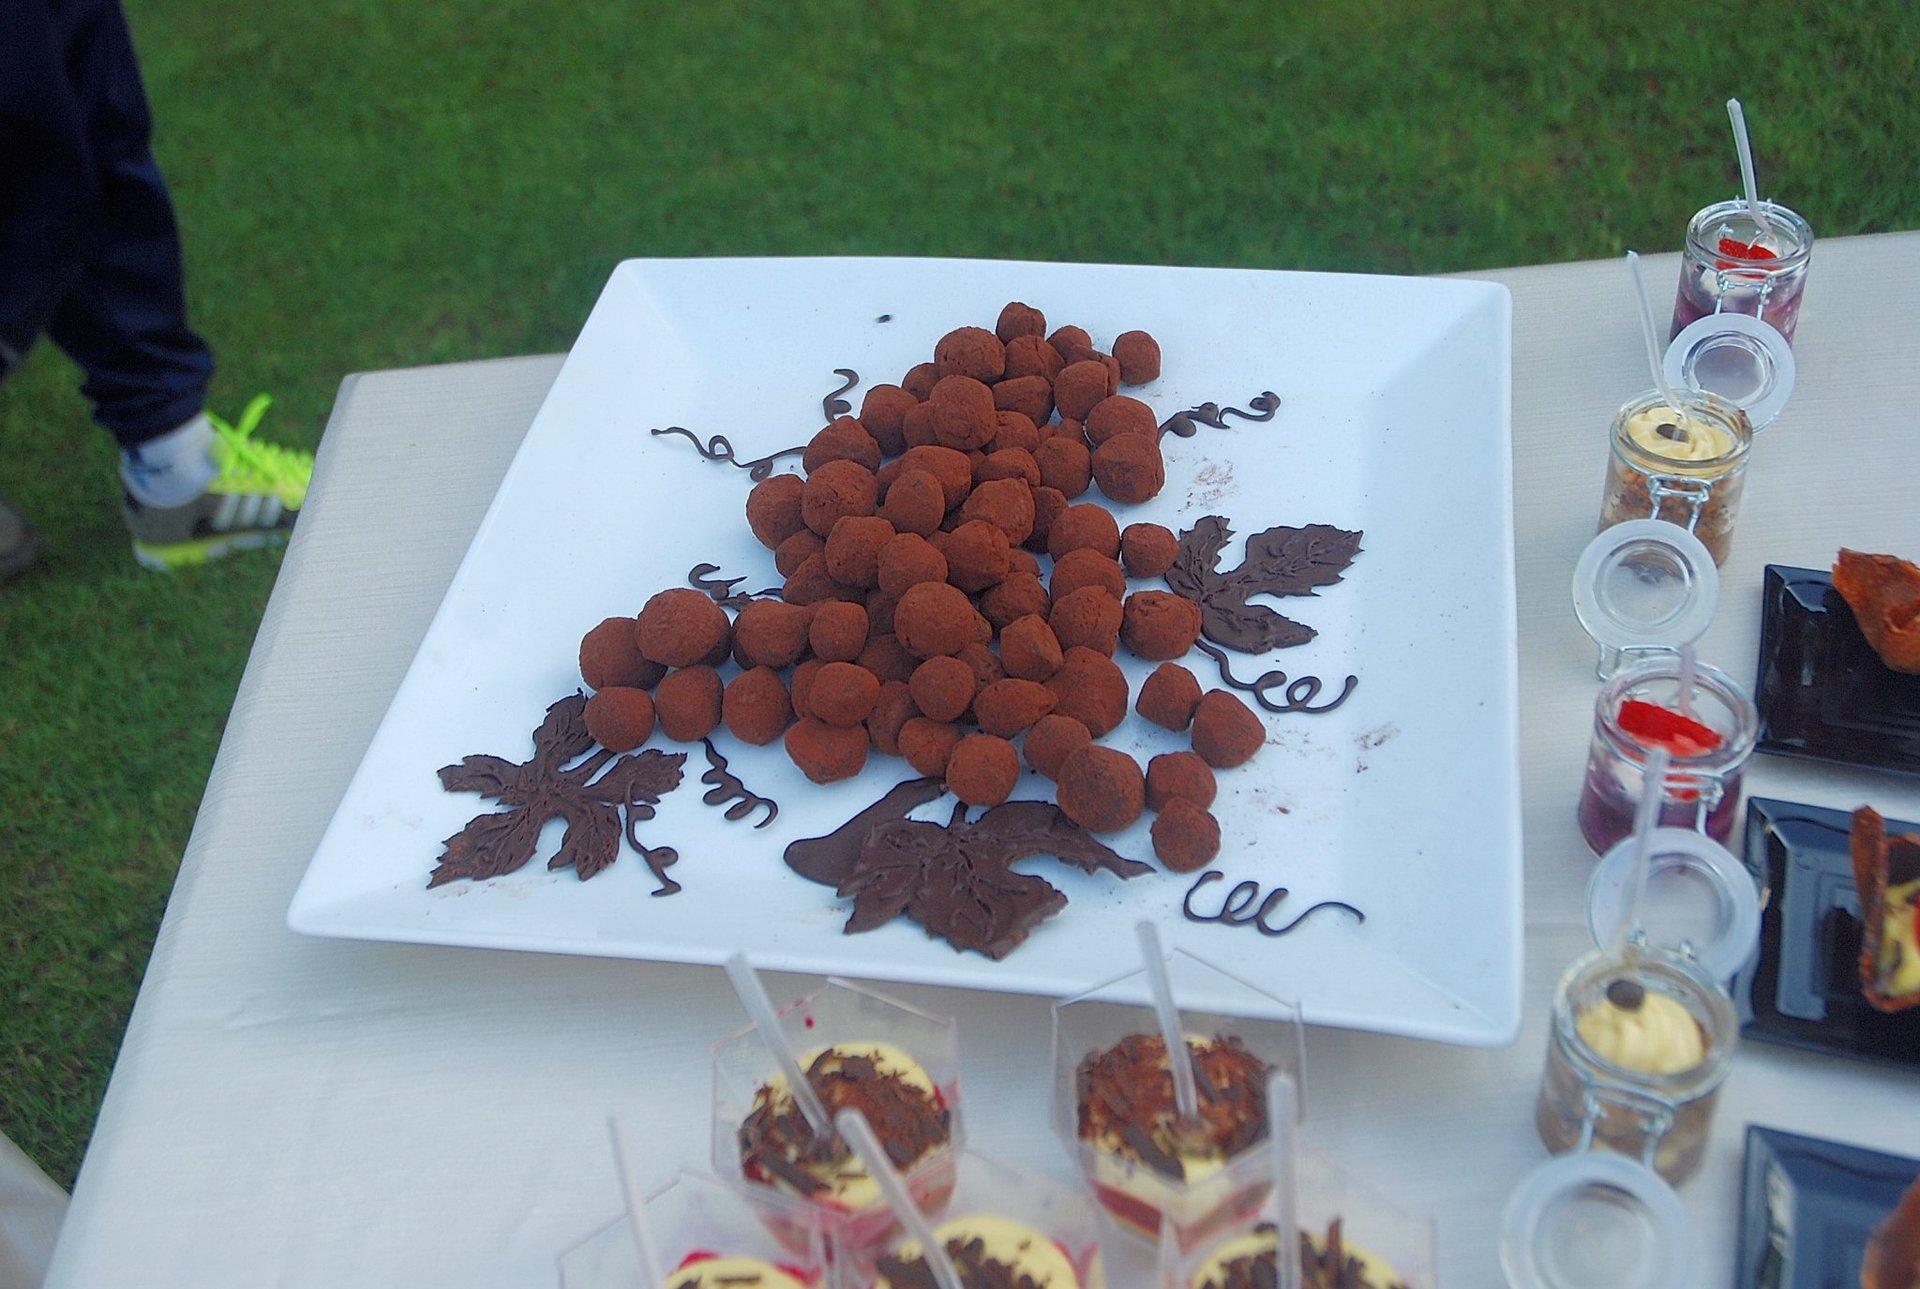 buffet di cioccolatini e dolci caserecci